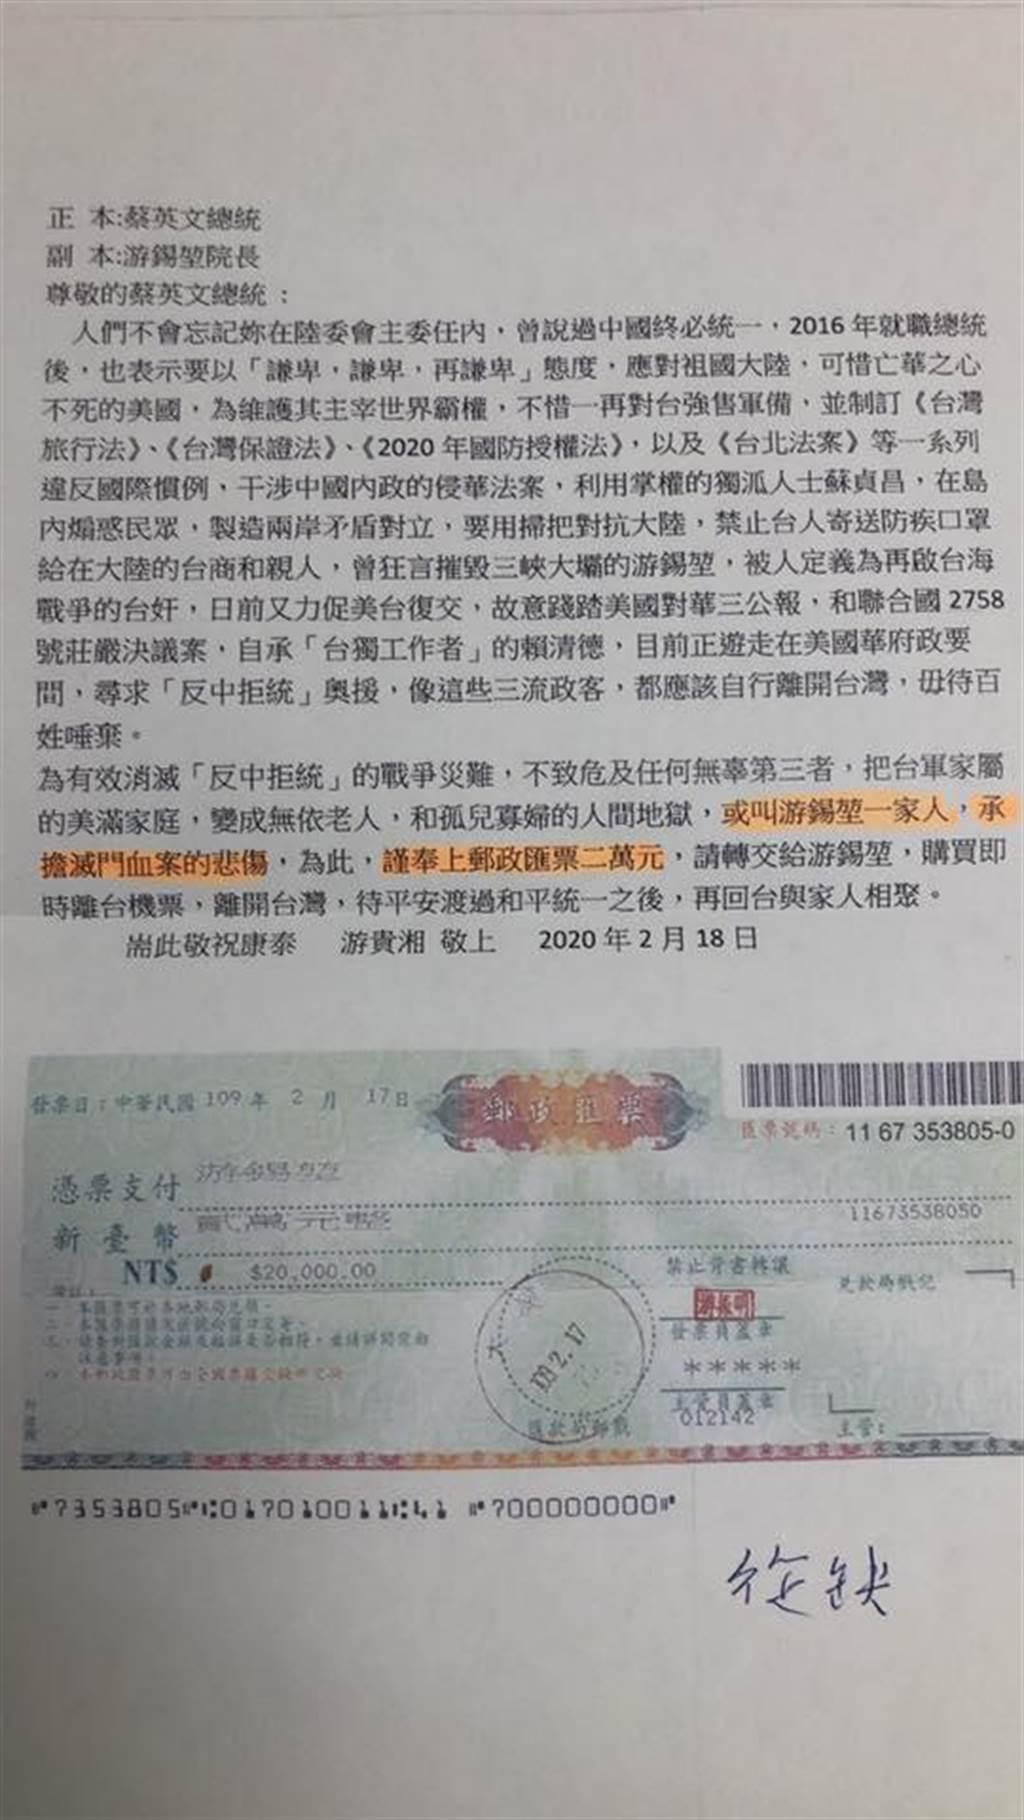 立法院長游錫堃表示,他在今年2月中旬遭一名署名「游貴湘」的人士發出恐嚇信。(翻攝游錫堃臉書/朱真楷傳真)